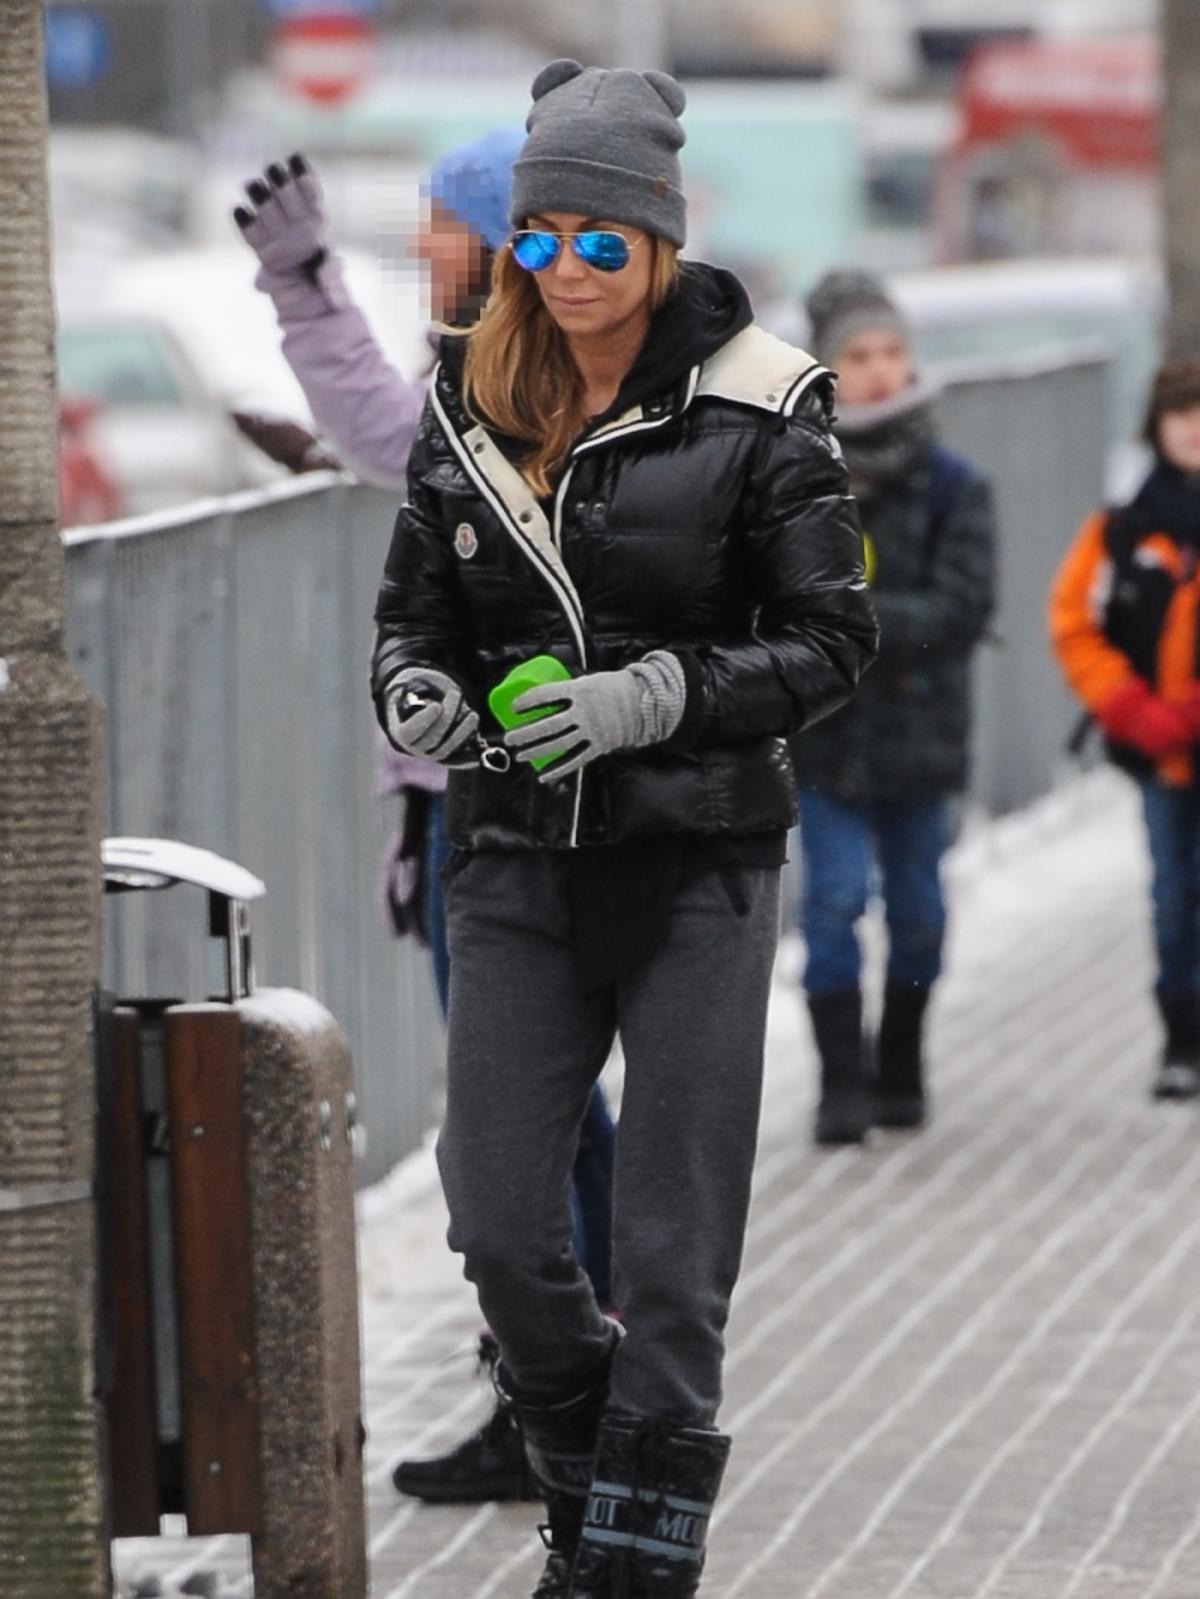 Małgorzata Rozenek w czarnej puchowej kurtce, szarej czapce i spodniach, czarnych butach w niebieskich okularach lustrzankach